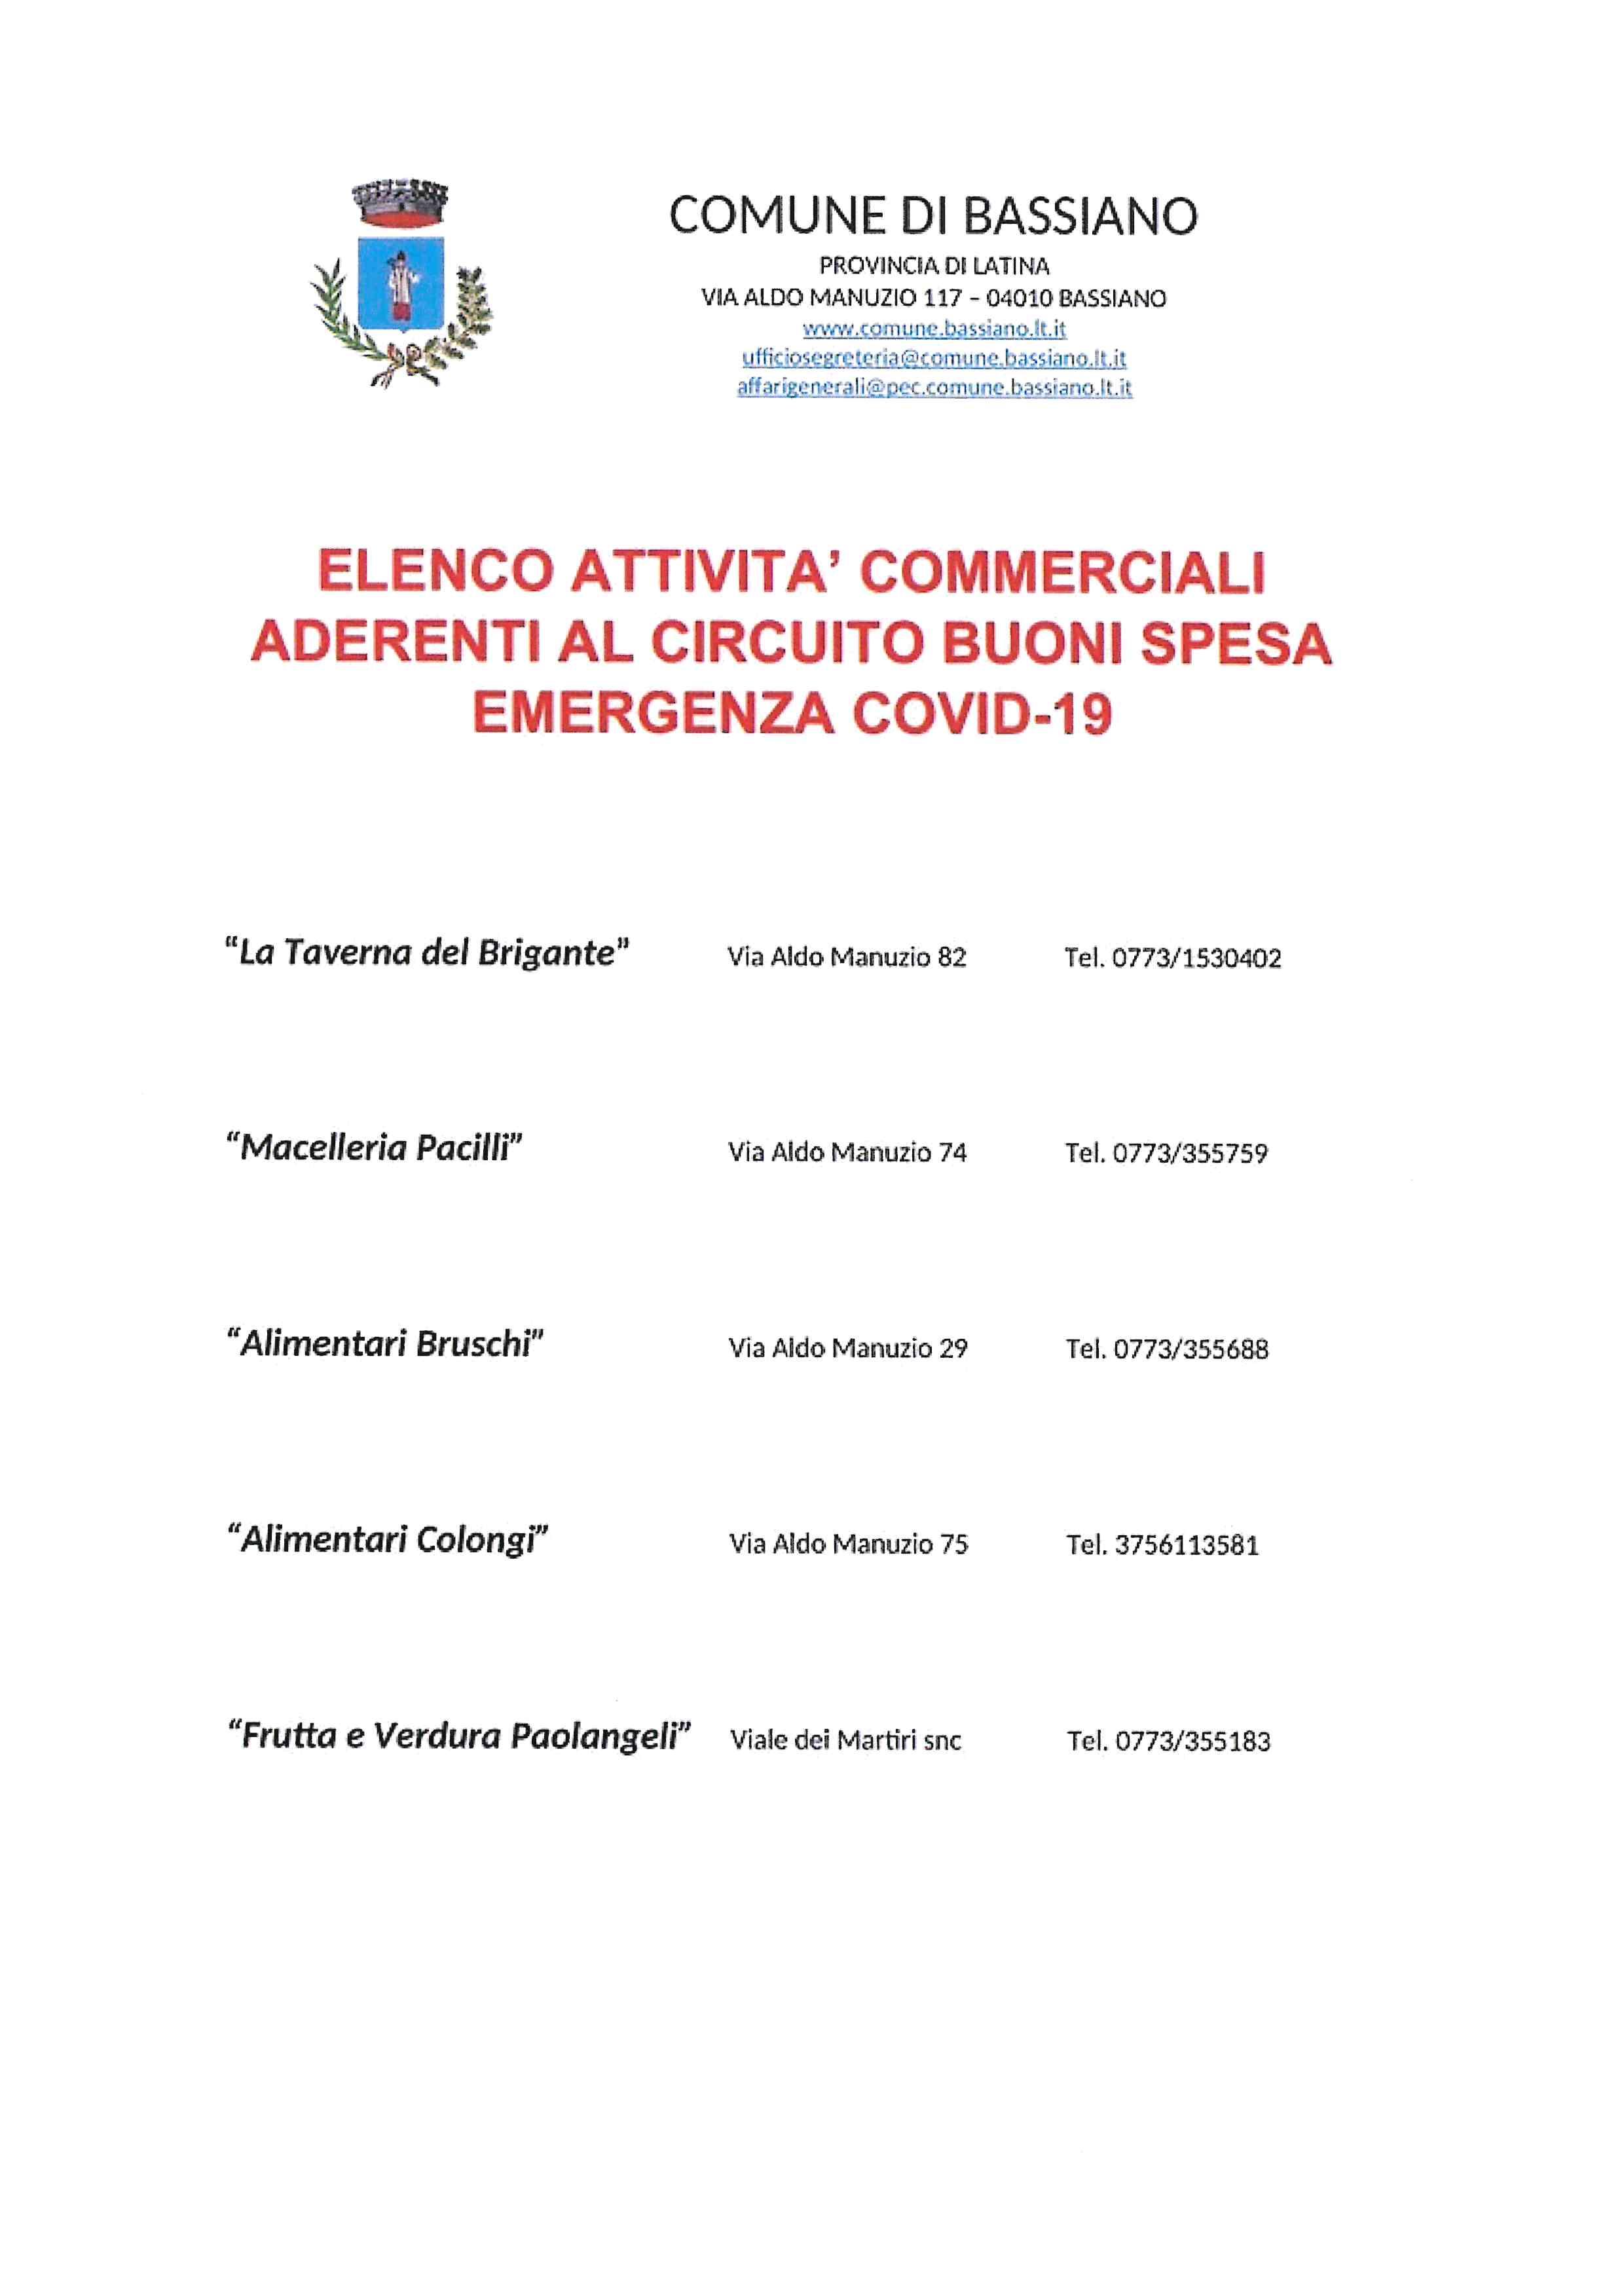 ELENCO ATTVITA' COMMERCIALI ADERENTI AL CIRCUITO BUONI SPESA EMERGENZA COVID-19